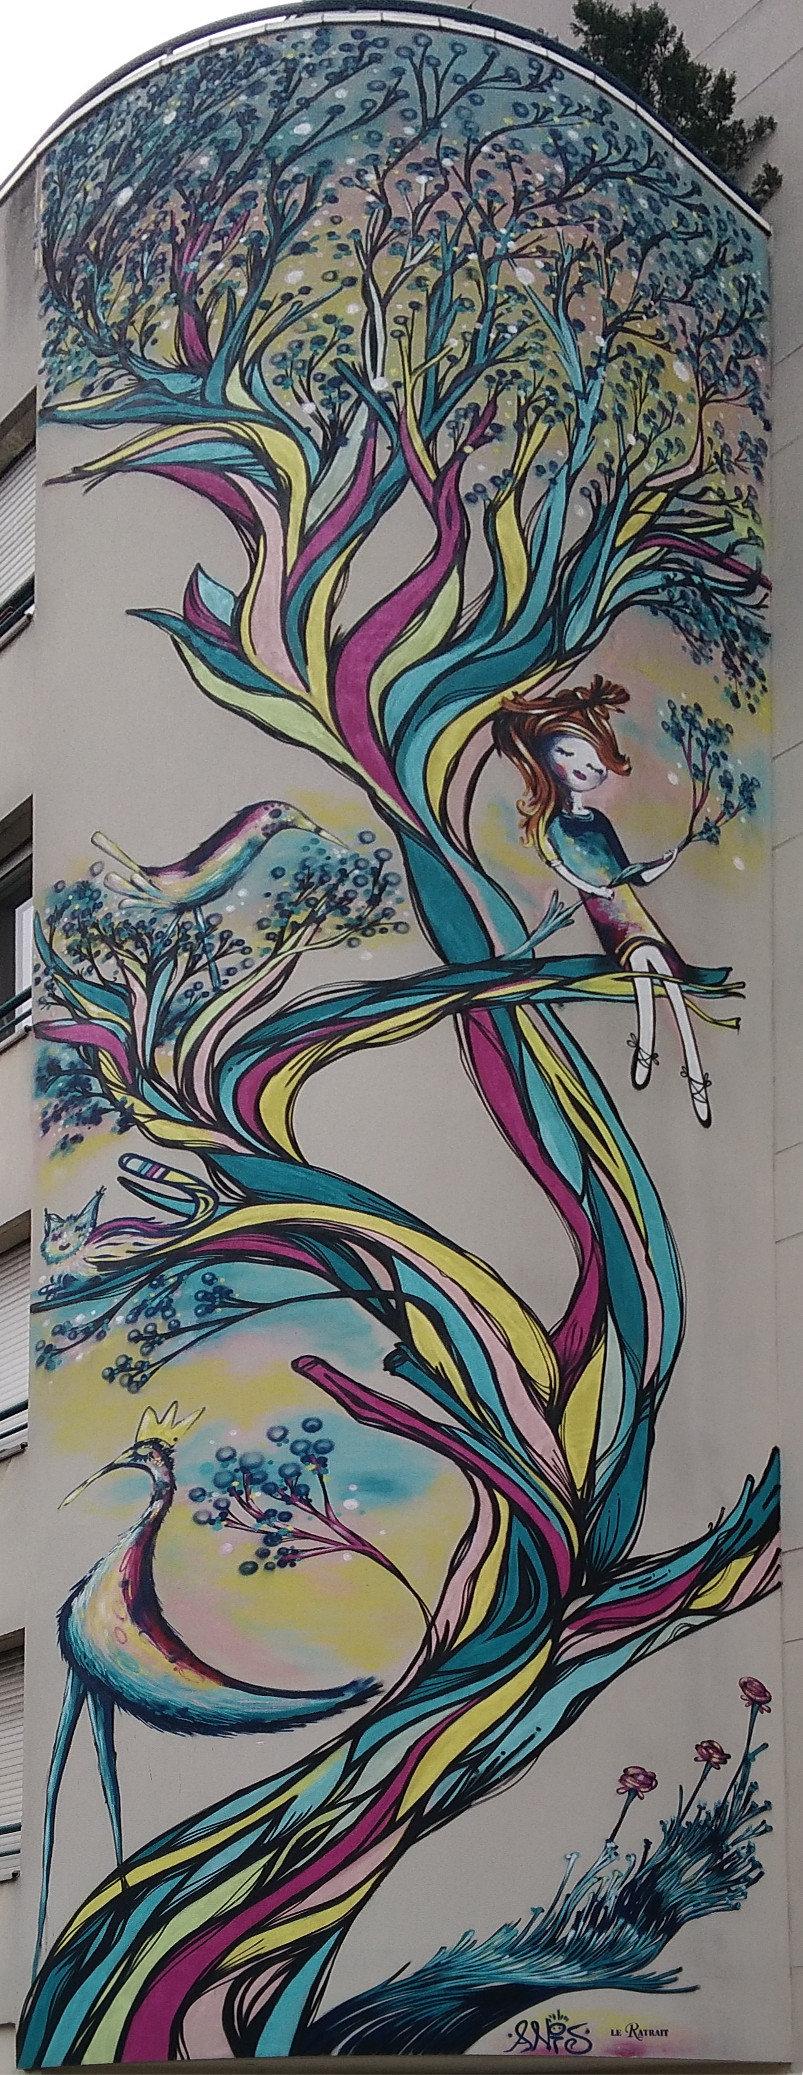 Street Art, 14 rue du Retrait, 20th Arrondissement, Paris, France